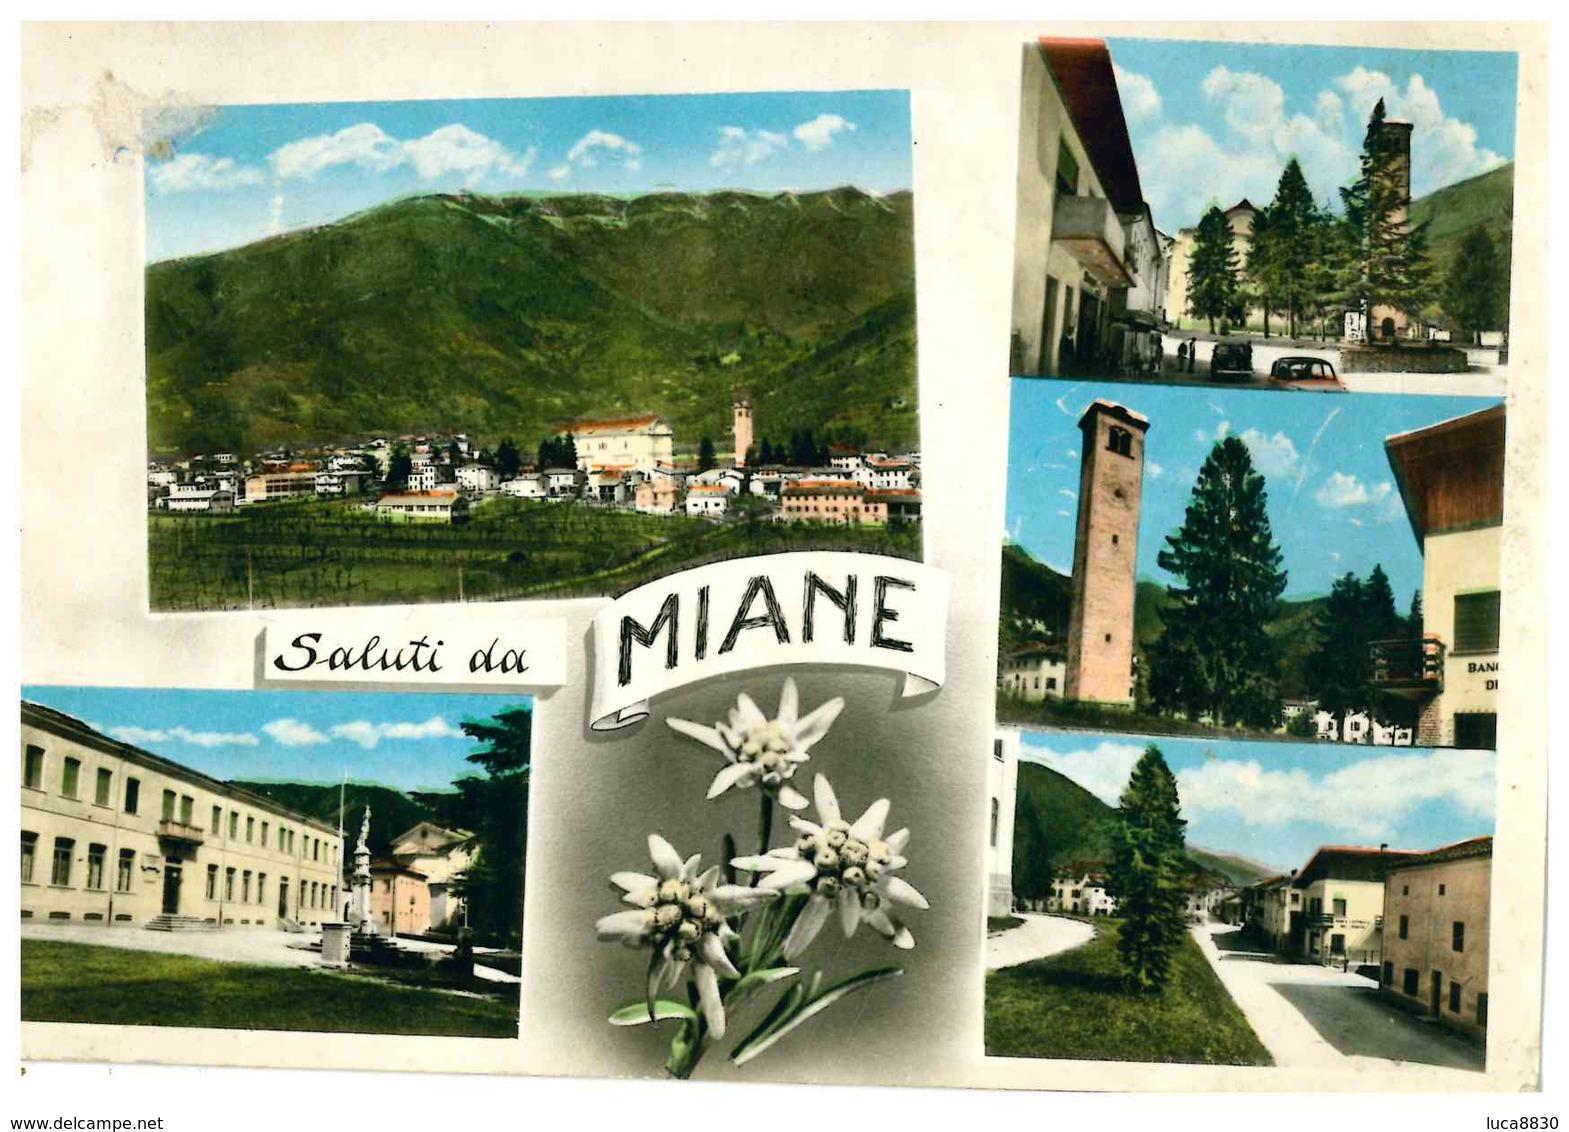 MIANE SALUTI DA - Treviso